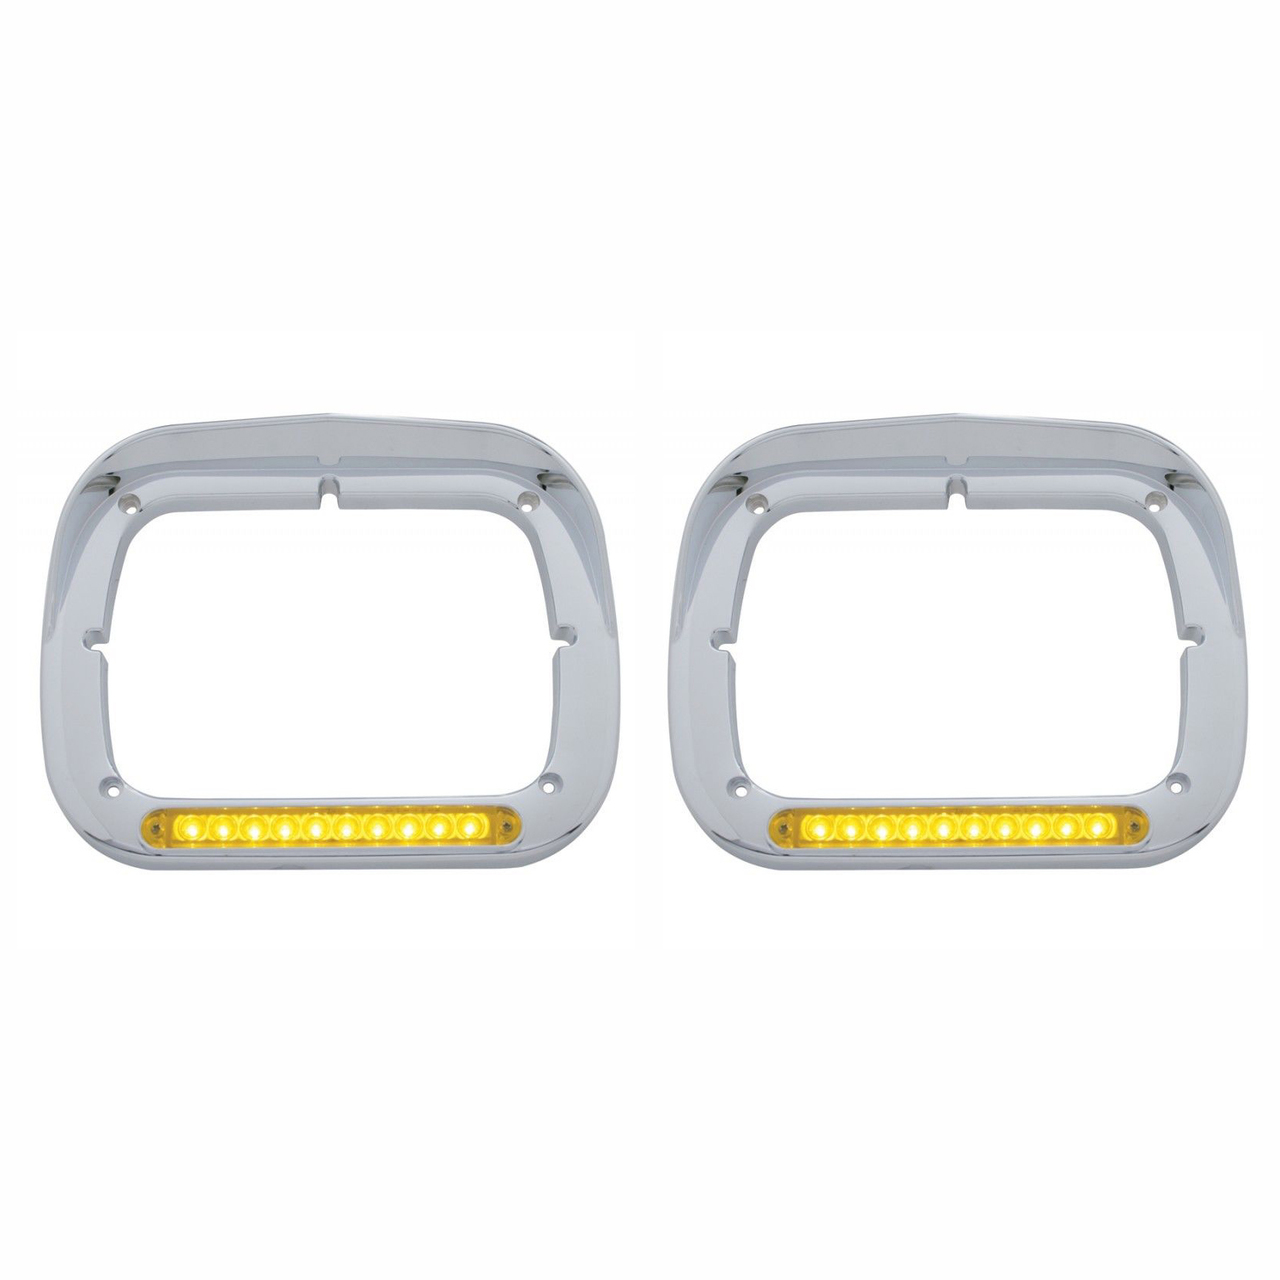 10 Amber LED Rectangular‰ÛÜ Headlight Bezel with Visor for Semi Trucks, Pair